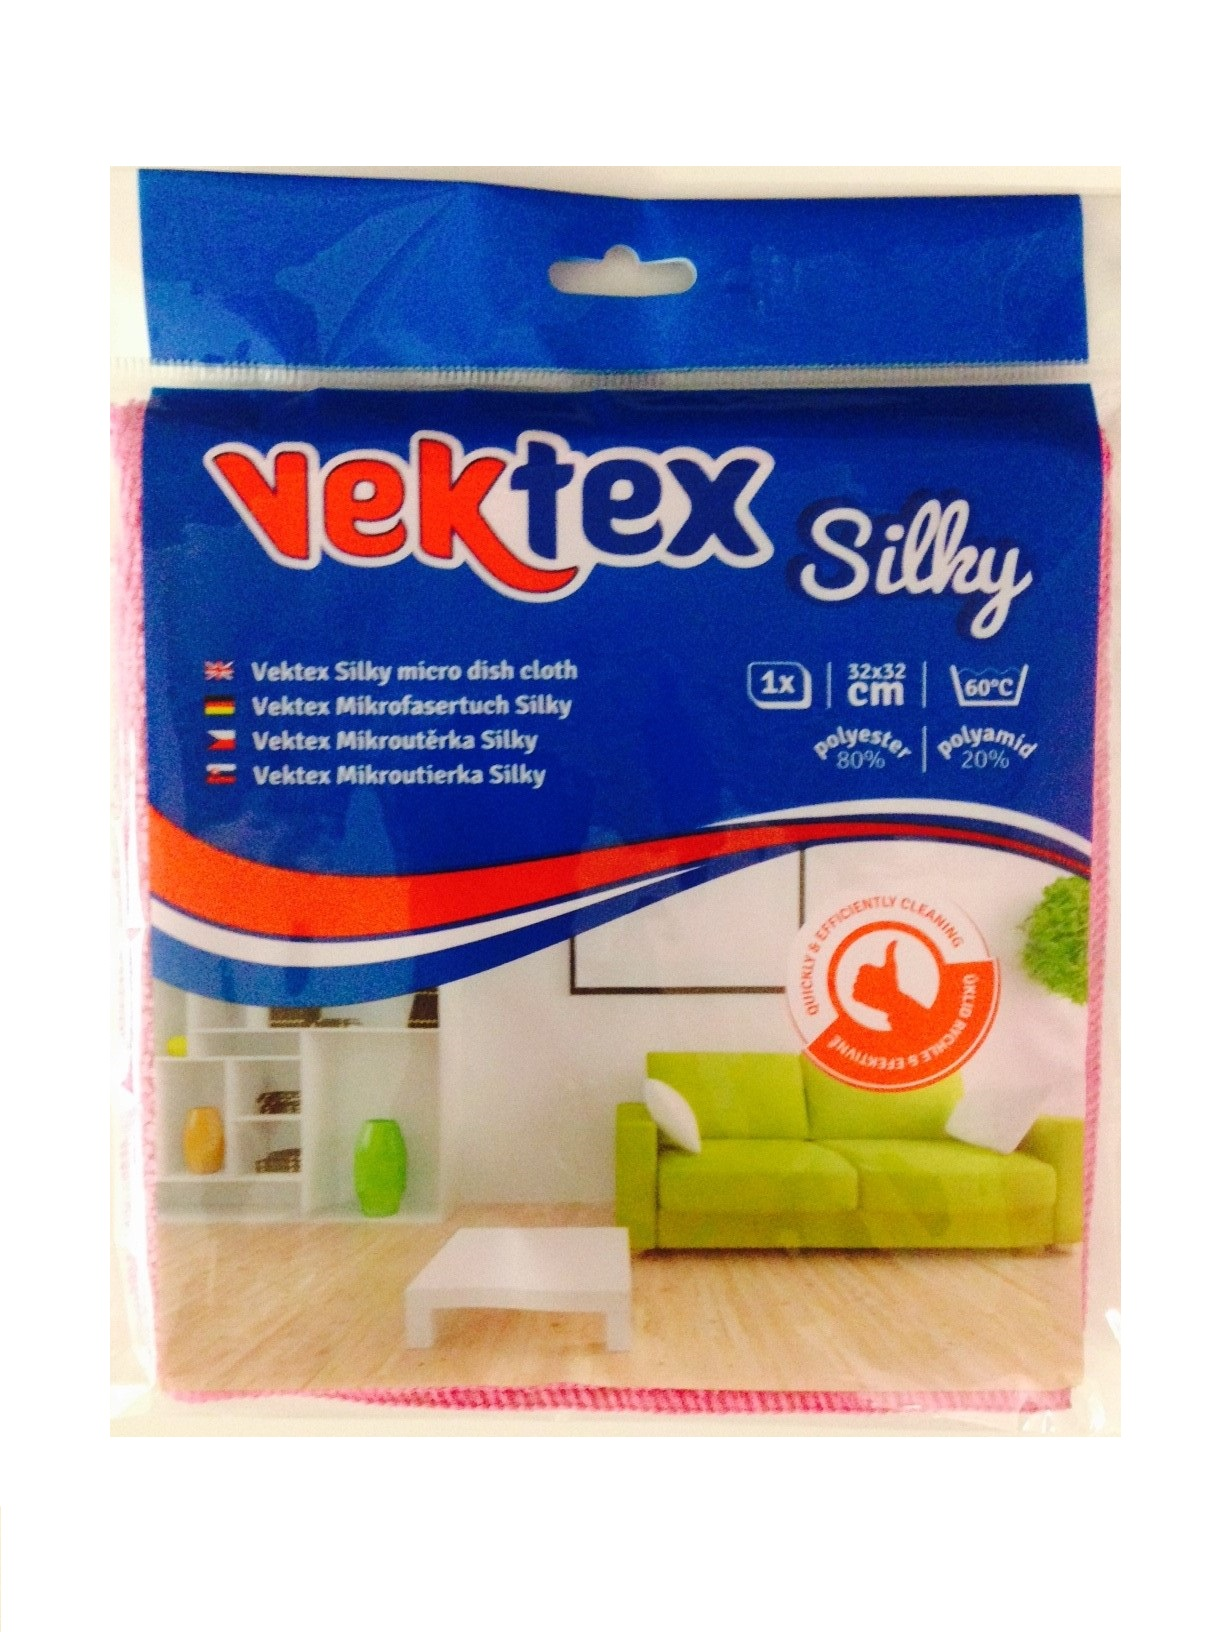 Vektex Silky utěrka z mikrovlákna, 32 x 32 cm 290 g